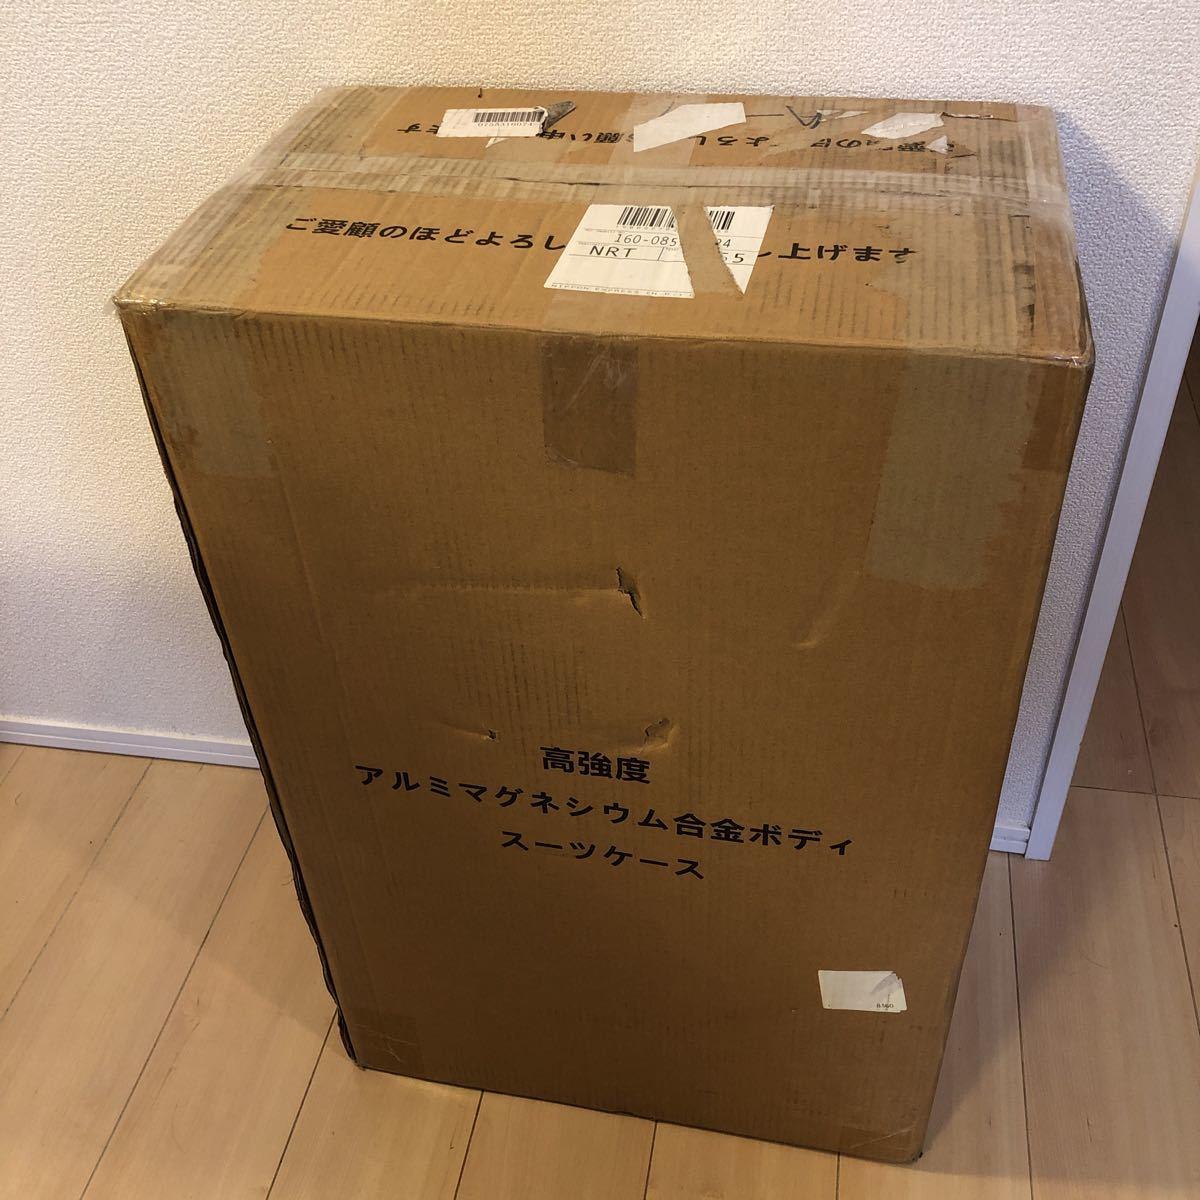 スーツケース アルミマグネシウム合金 キャリーバッグ 360度回転 静音キャスター TSAロック フレームタイプ 保護カバー付 軽量 新品未使用_画像8